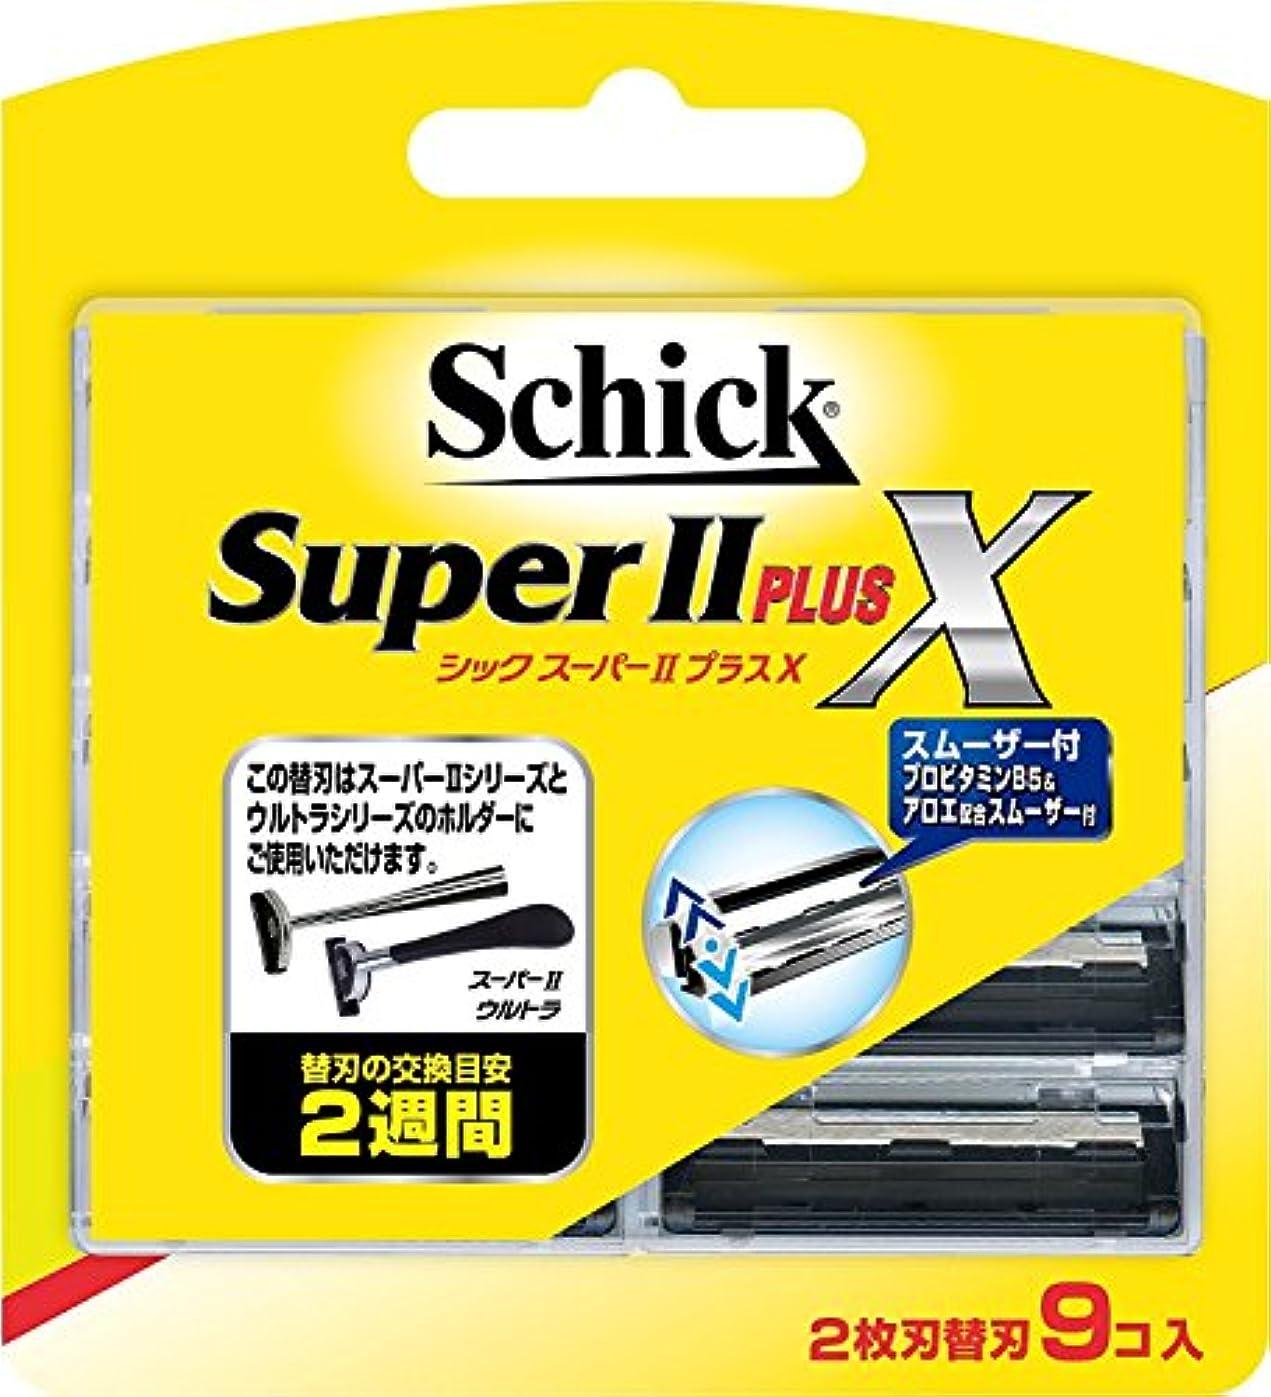 人柄コンパイル散歩シック Schick スーパーIIプラスX 2枚刃 替刃 (9コ入) ×12個